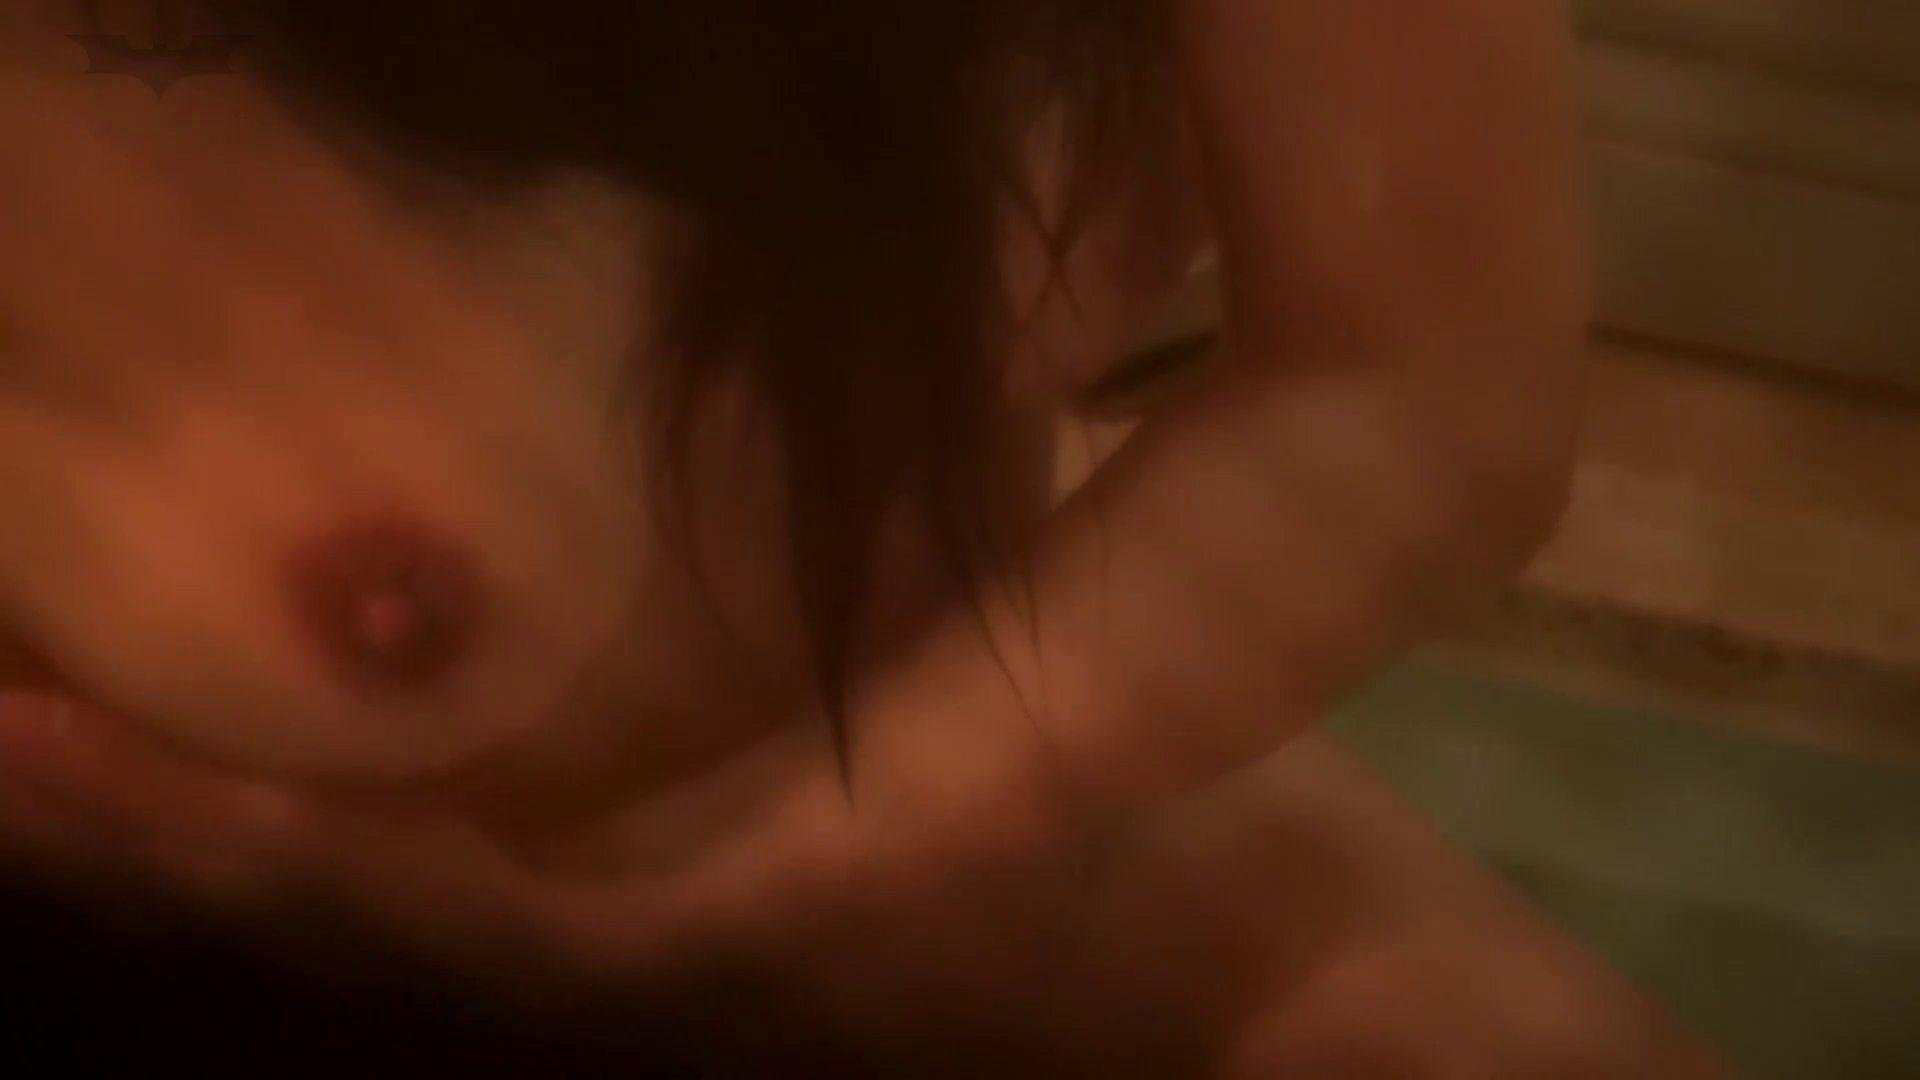 *華の女子寮ノゾキ* vol.02 Eカップがぷるぷる揺れるコ OL女体  95連発 54